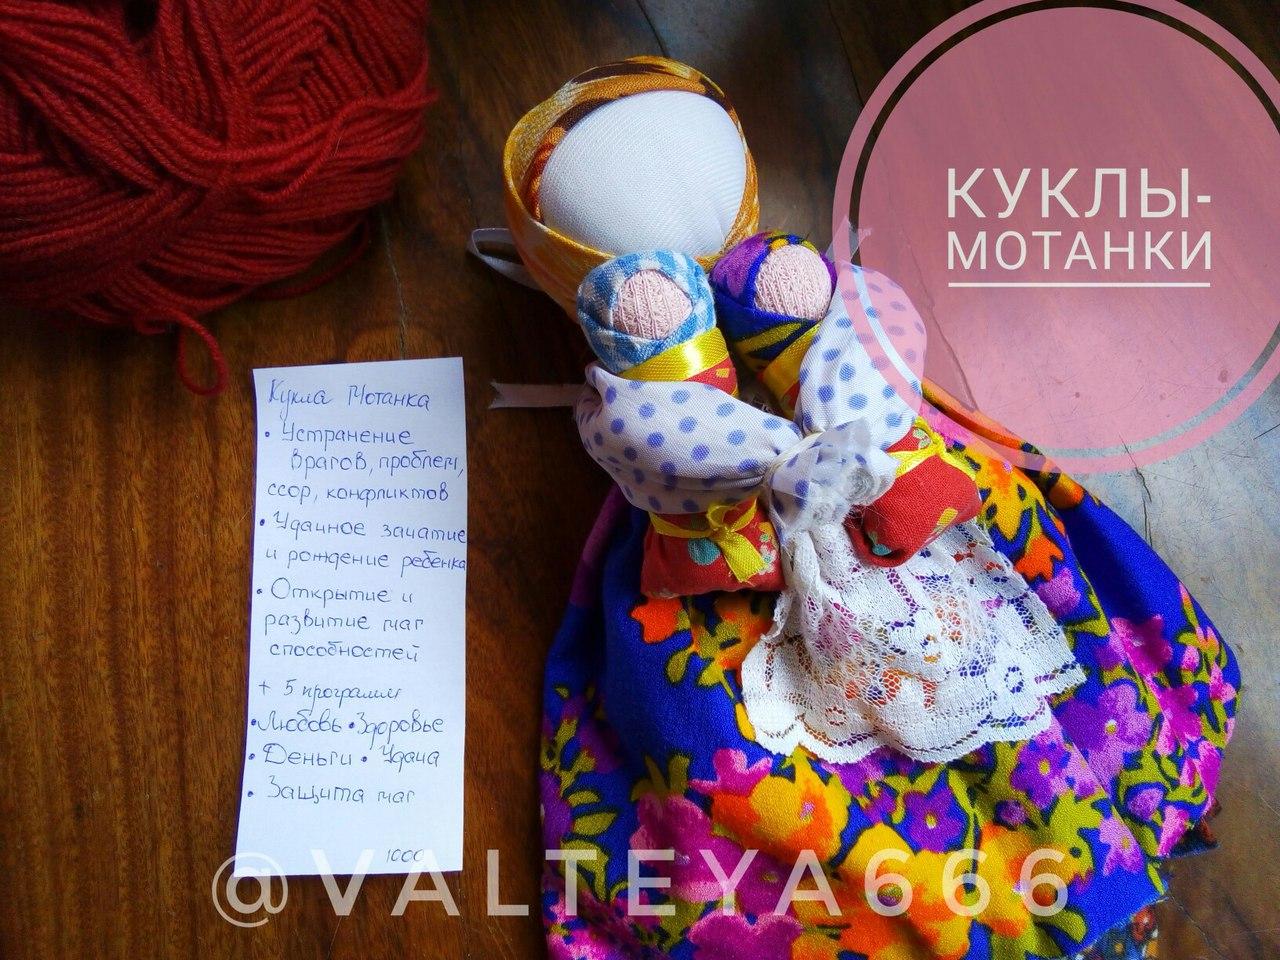 Славянские амулеты-талисманы Куклы-мотанки NWosuhadC3I